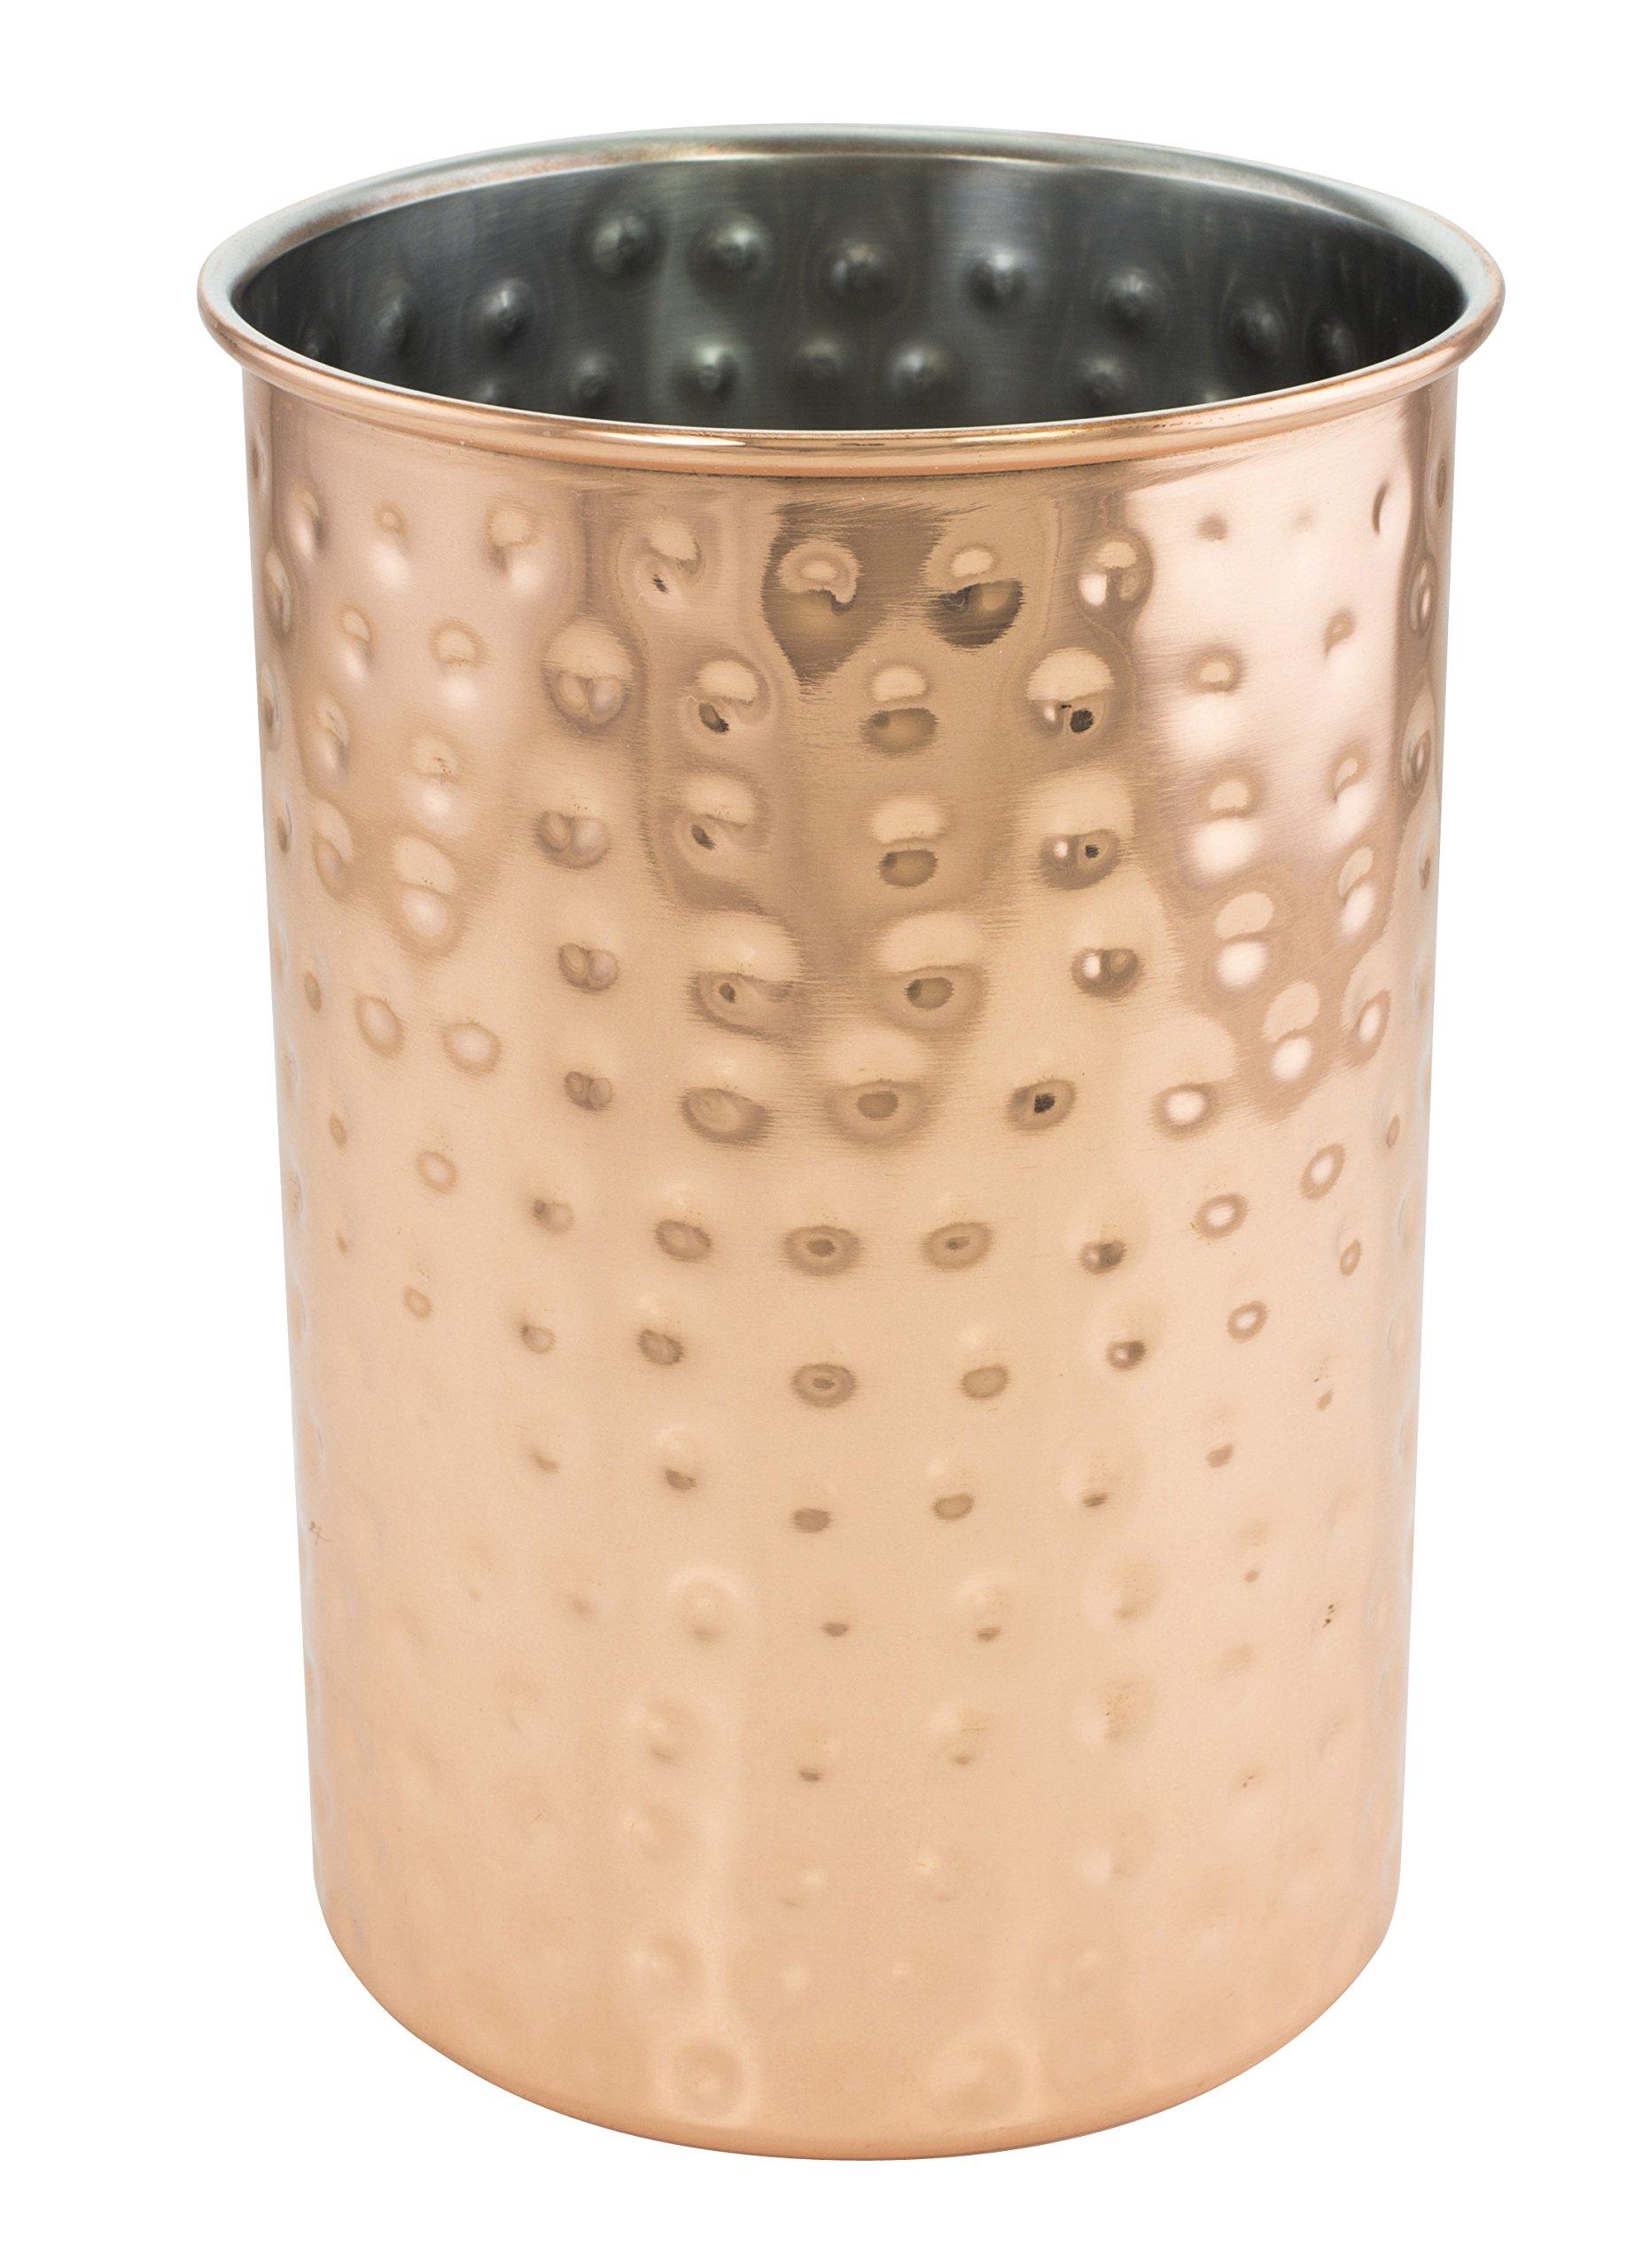 KOVOT Hammered Copper Plated Utensil Crock